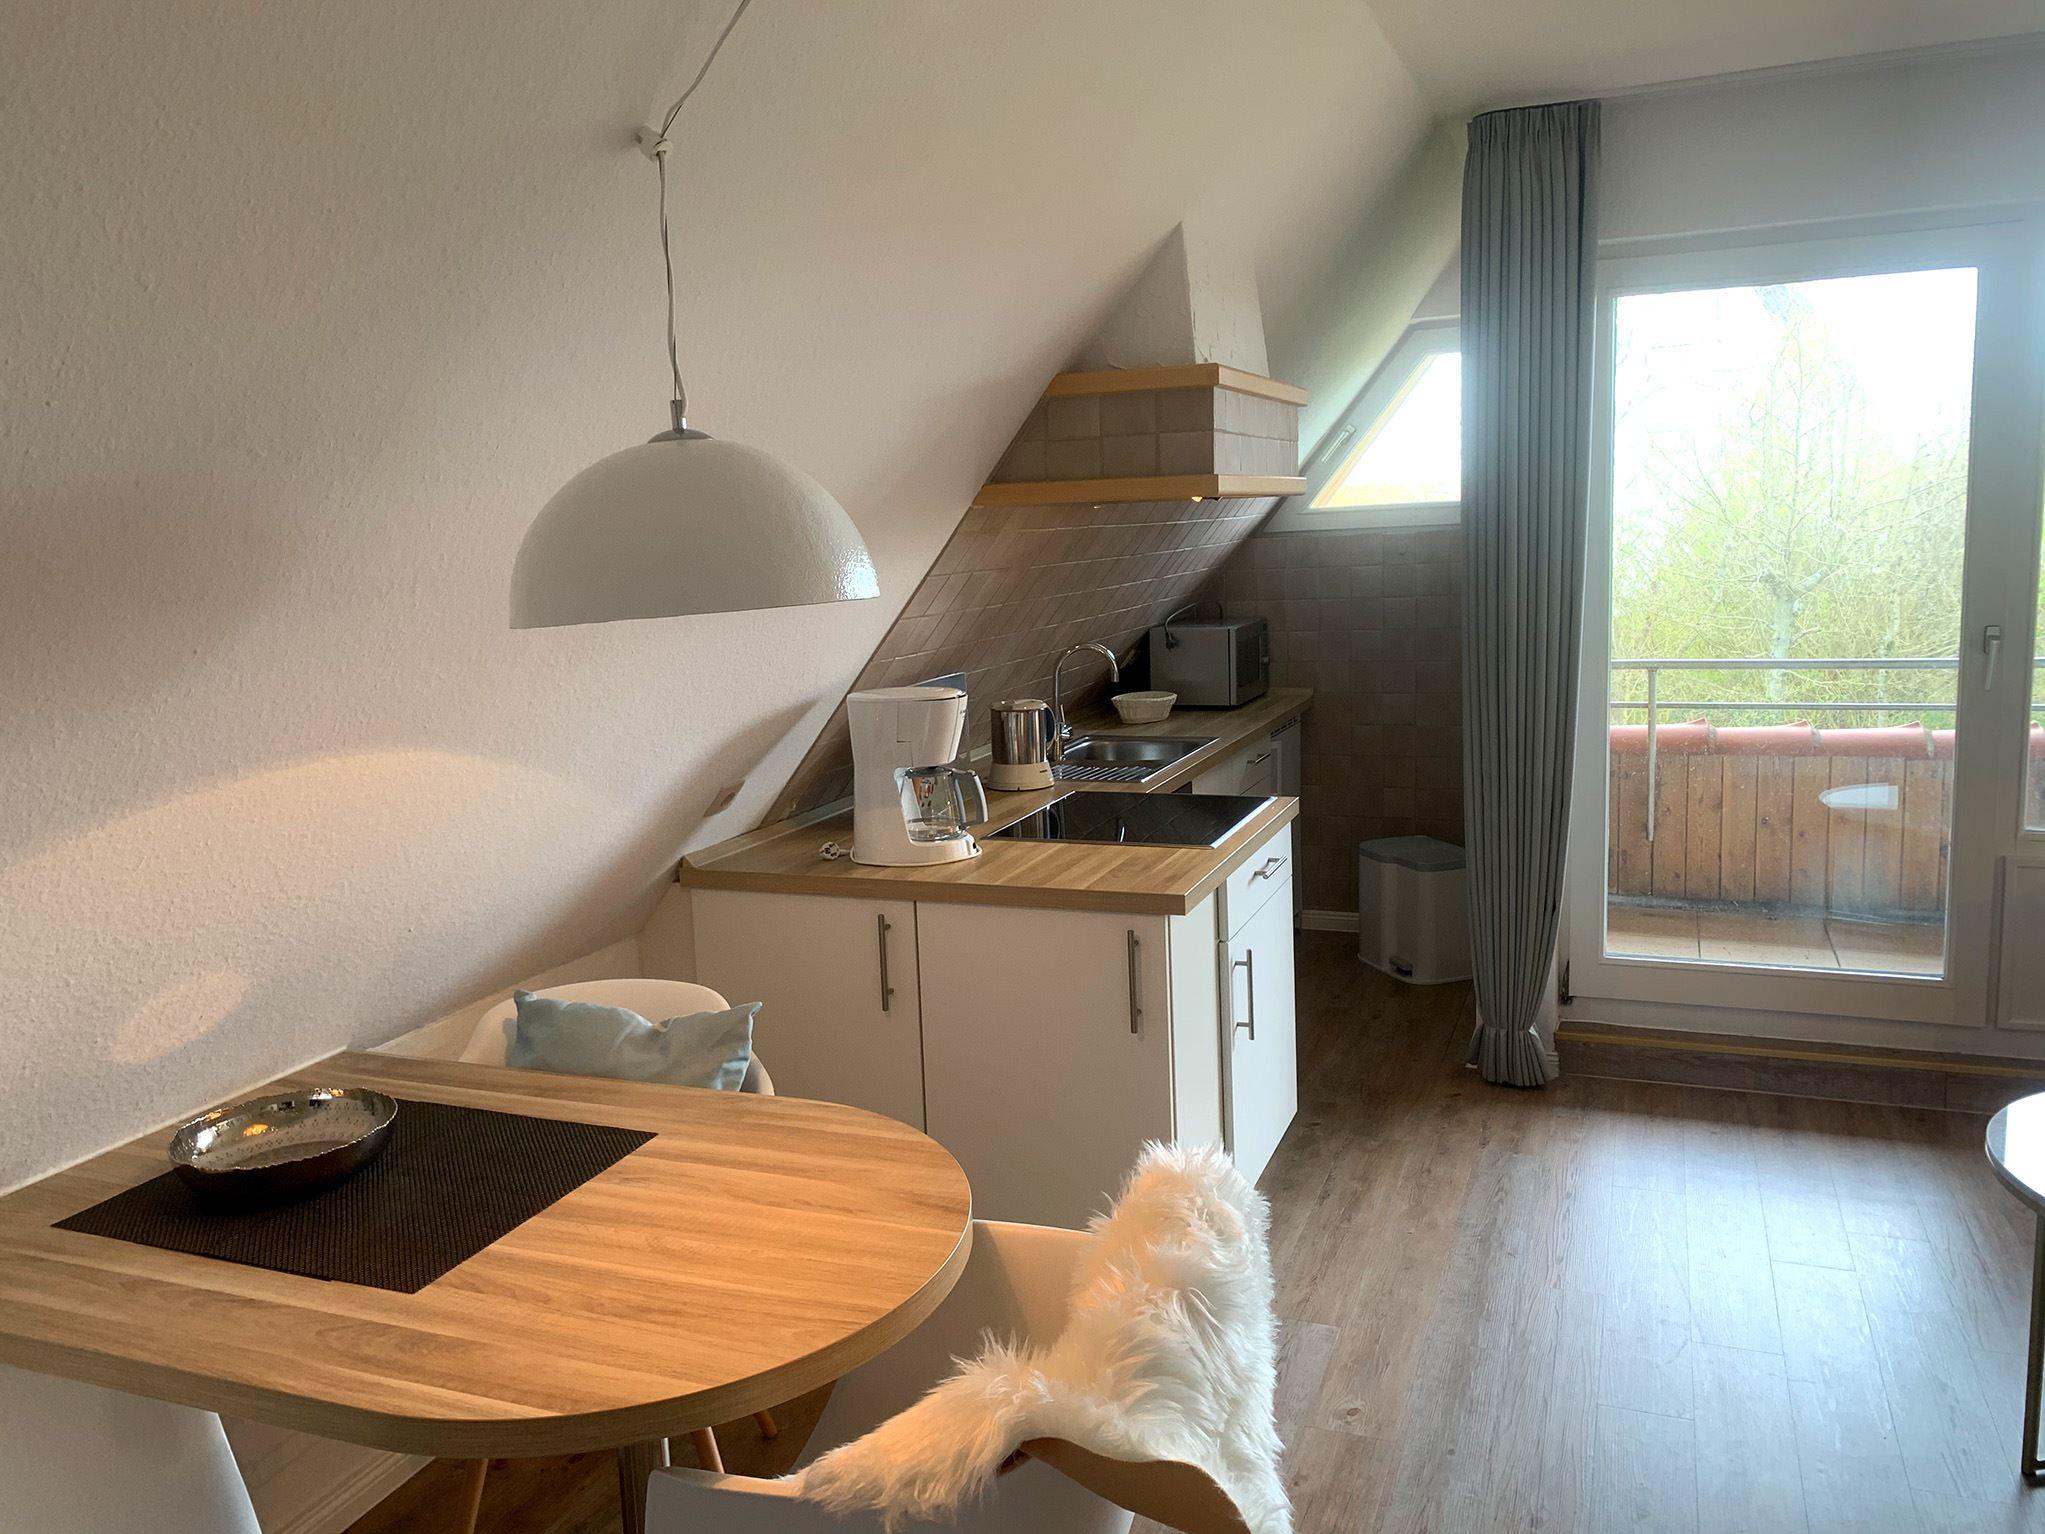 Gemütliches strandnahes Ferienappartement in St. Peter-Ording für 2-3 Personen mit Loggia in Strandnähe mit Blick auf den Ordinger Deich-Luna IV Nr. 33